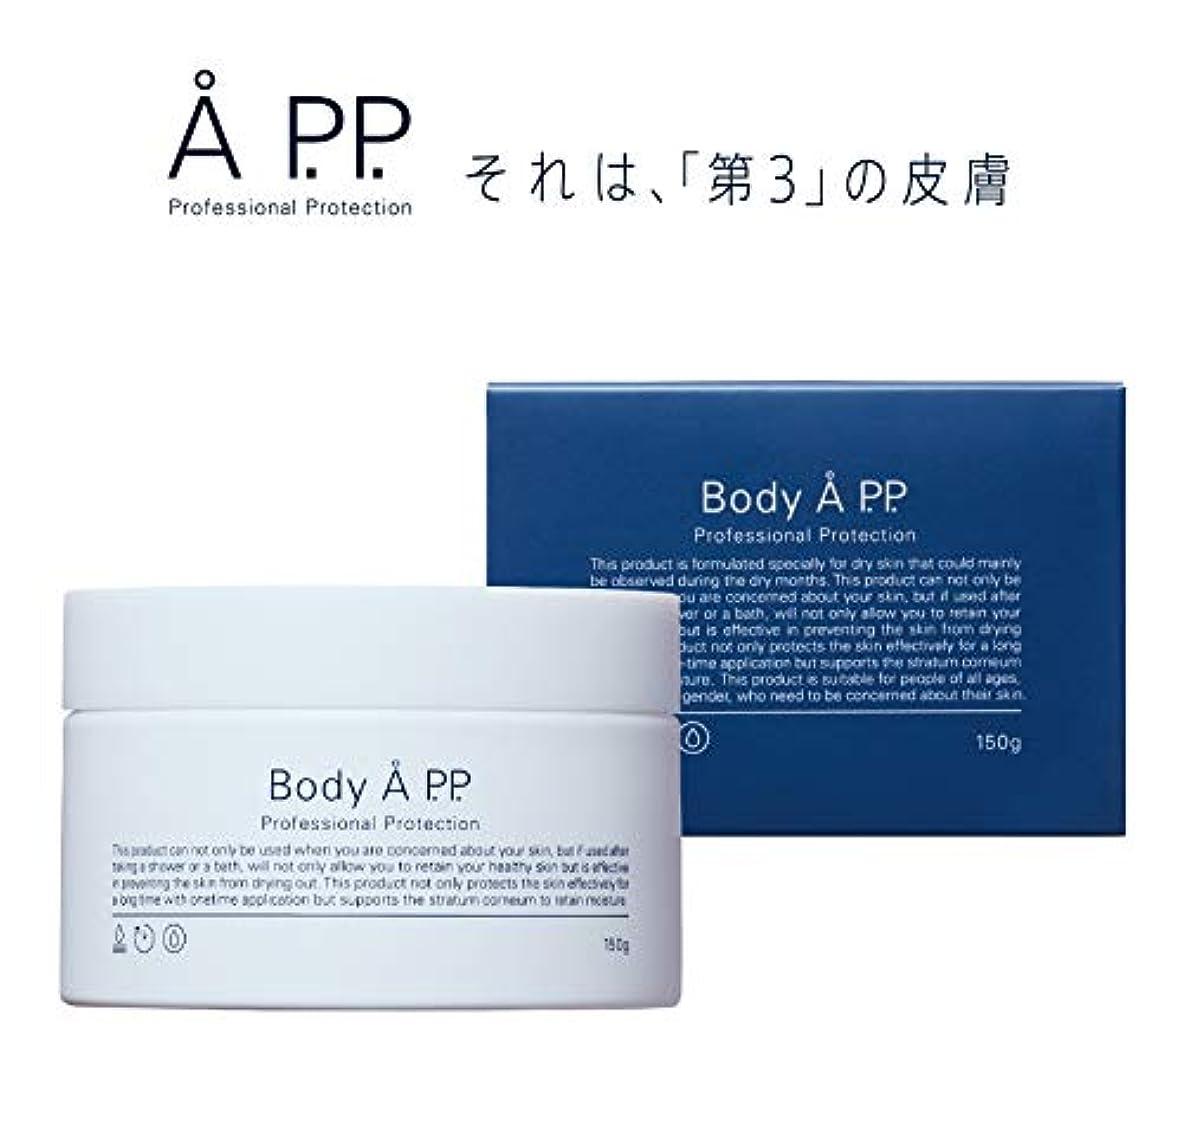 リブネックレット流行しているBody A P.P. プロフェッショナルプロテクション 高機能 ボディクリーム ボディークリーム 人気 ランキング 保湿 無香料 150g (1個)